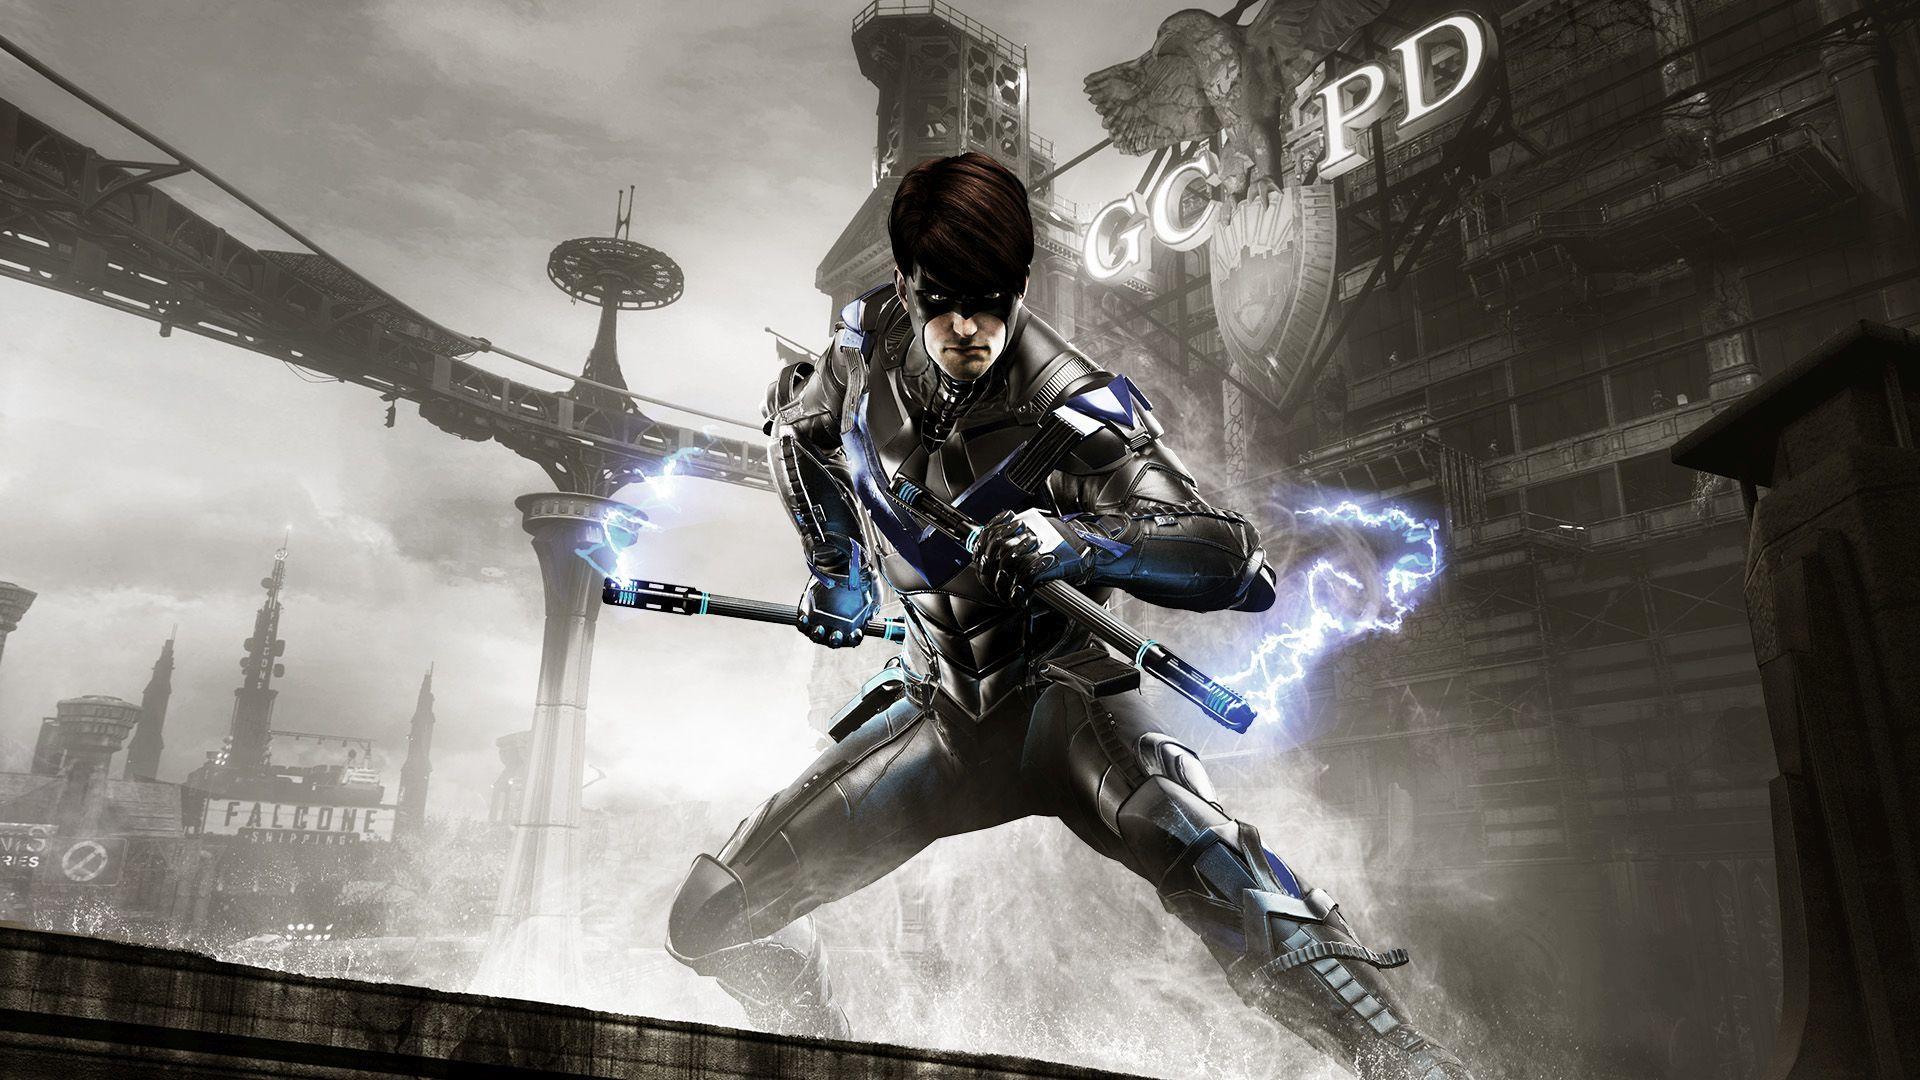 Бэтмен Arkham рыцарь Nightwing обои скачать